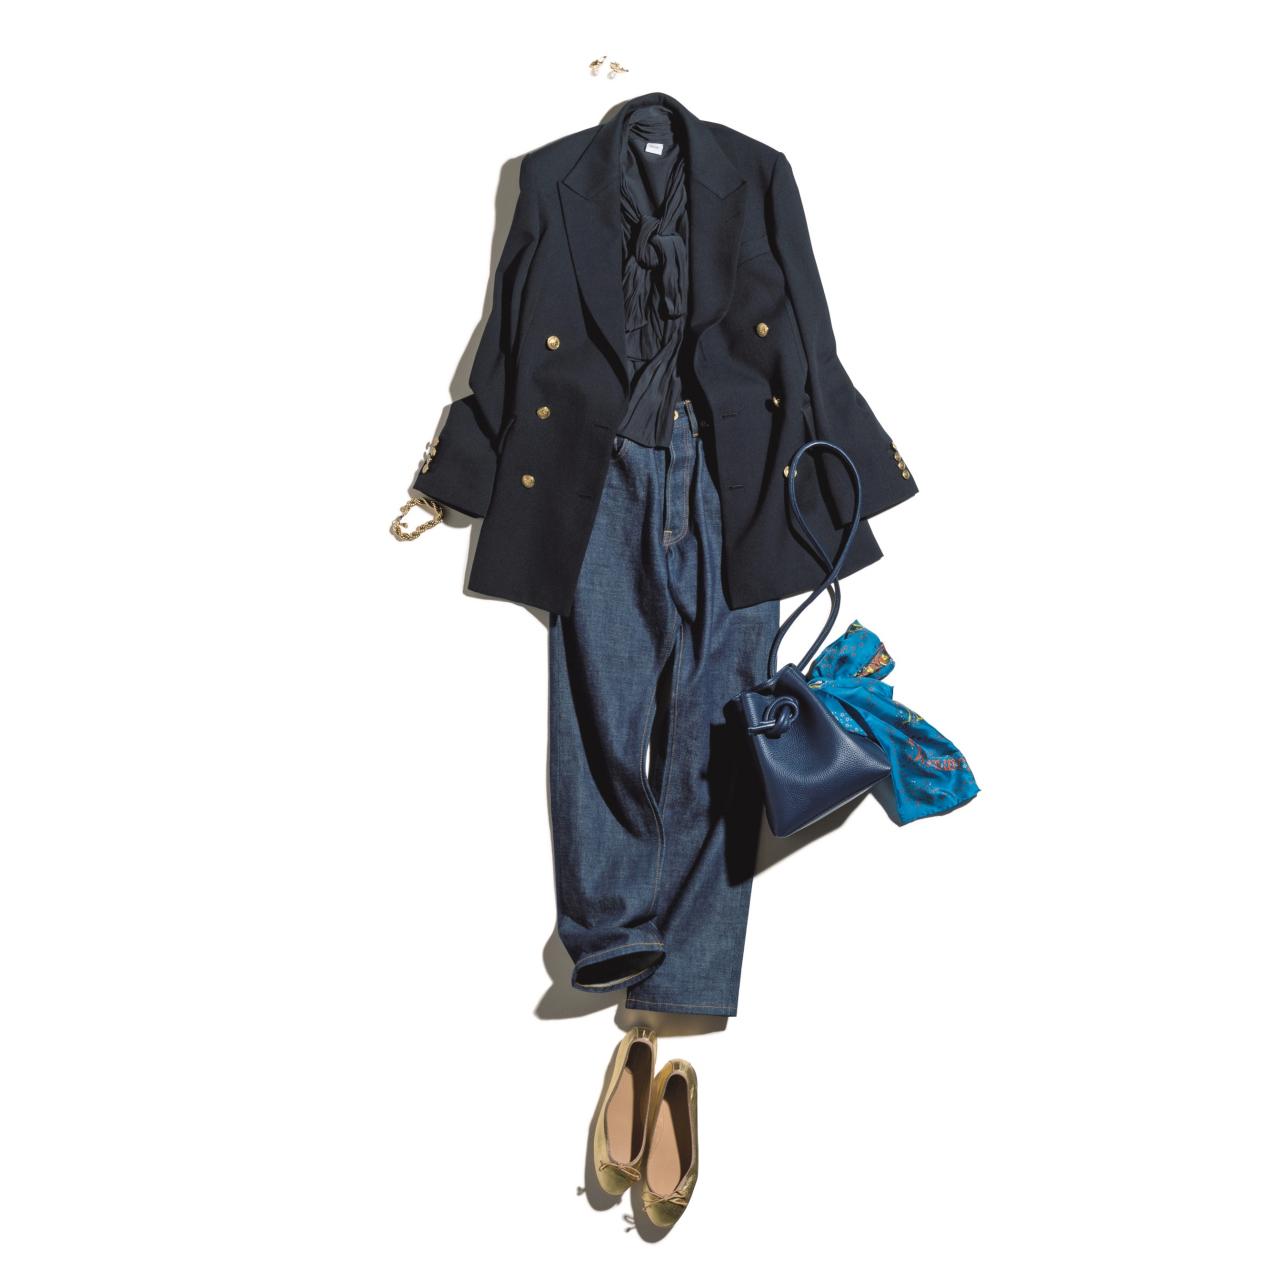 紺ジャケット×デニムのファッションコーデ